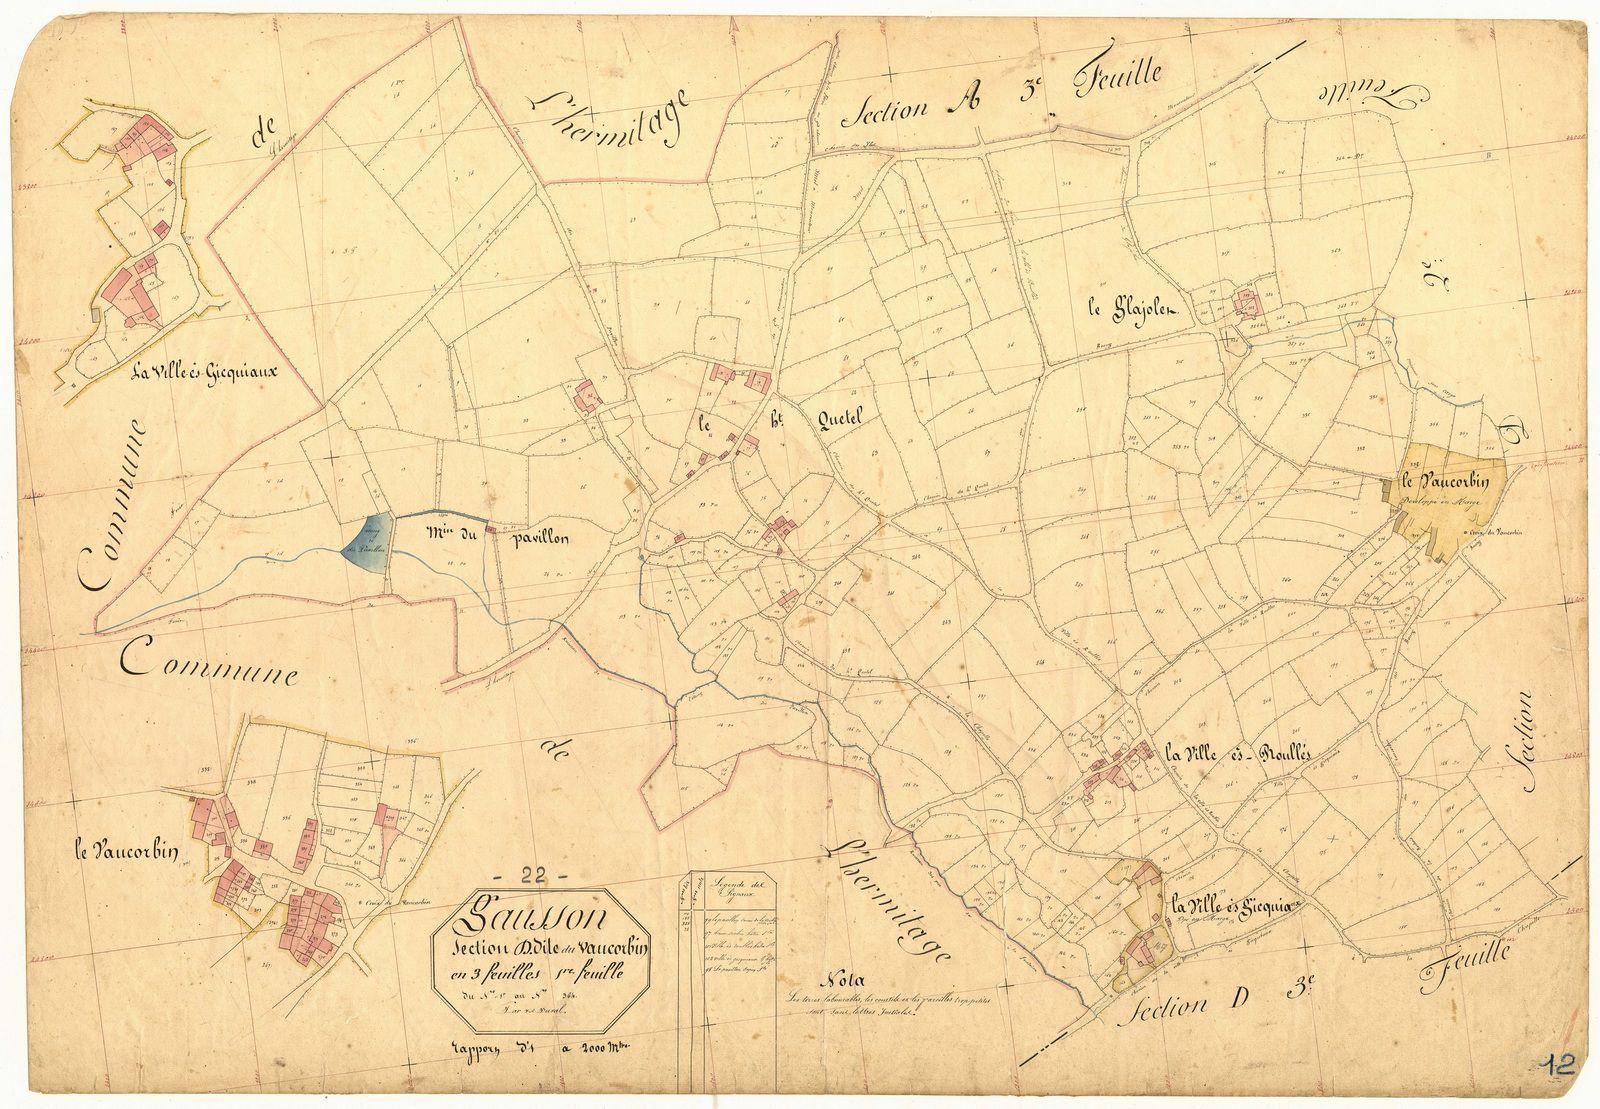 Gausson 1848 : du Pavillon au Vaucorbin